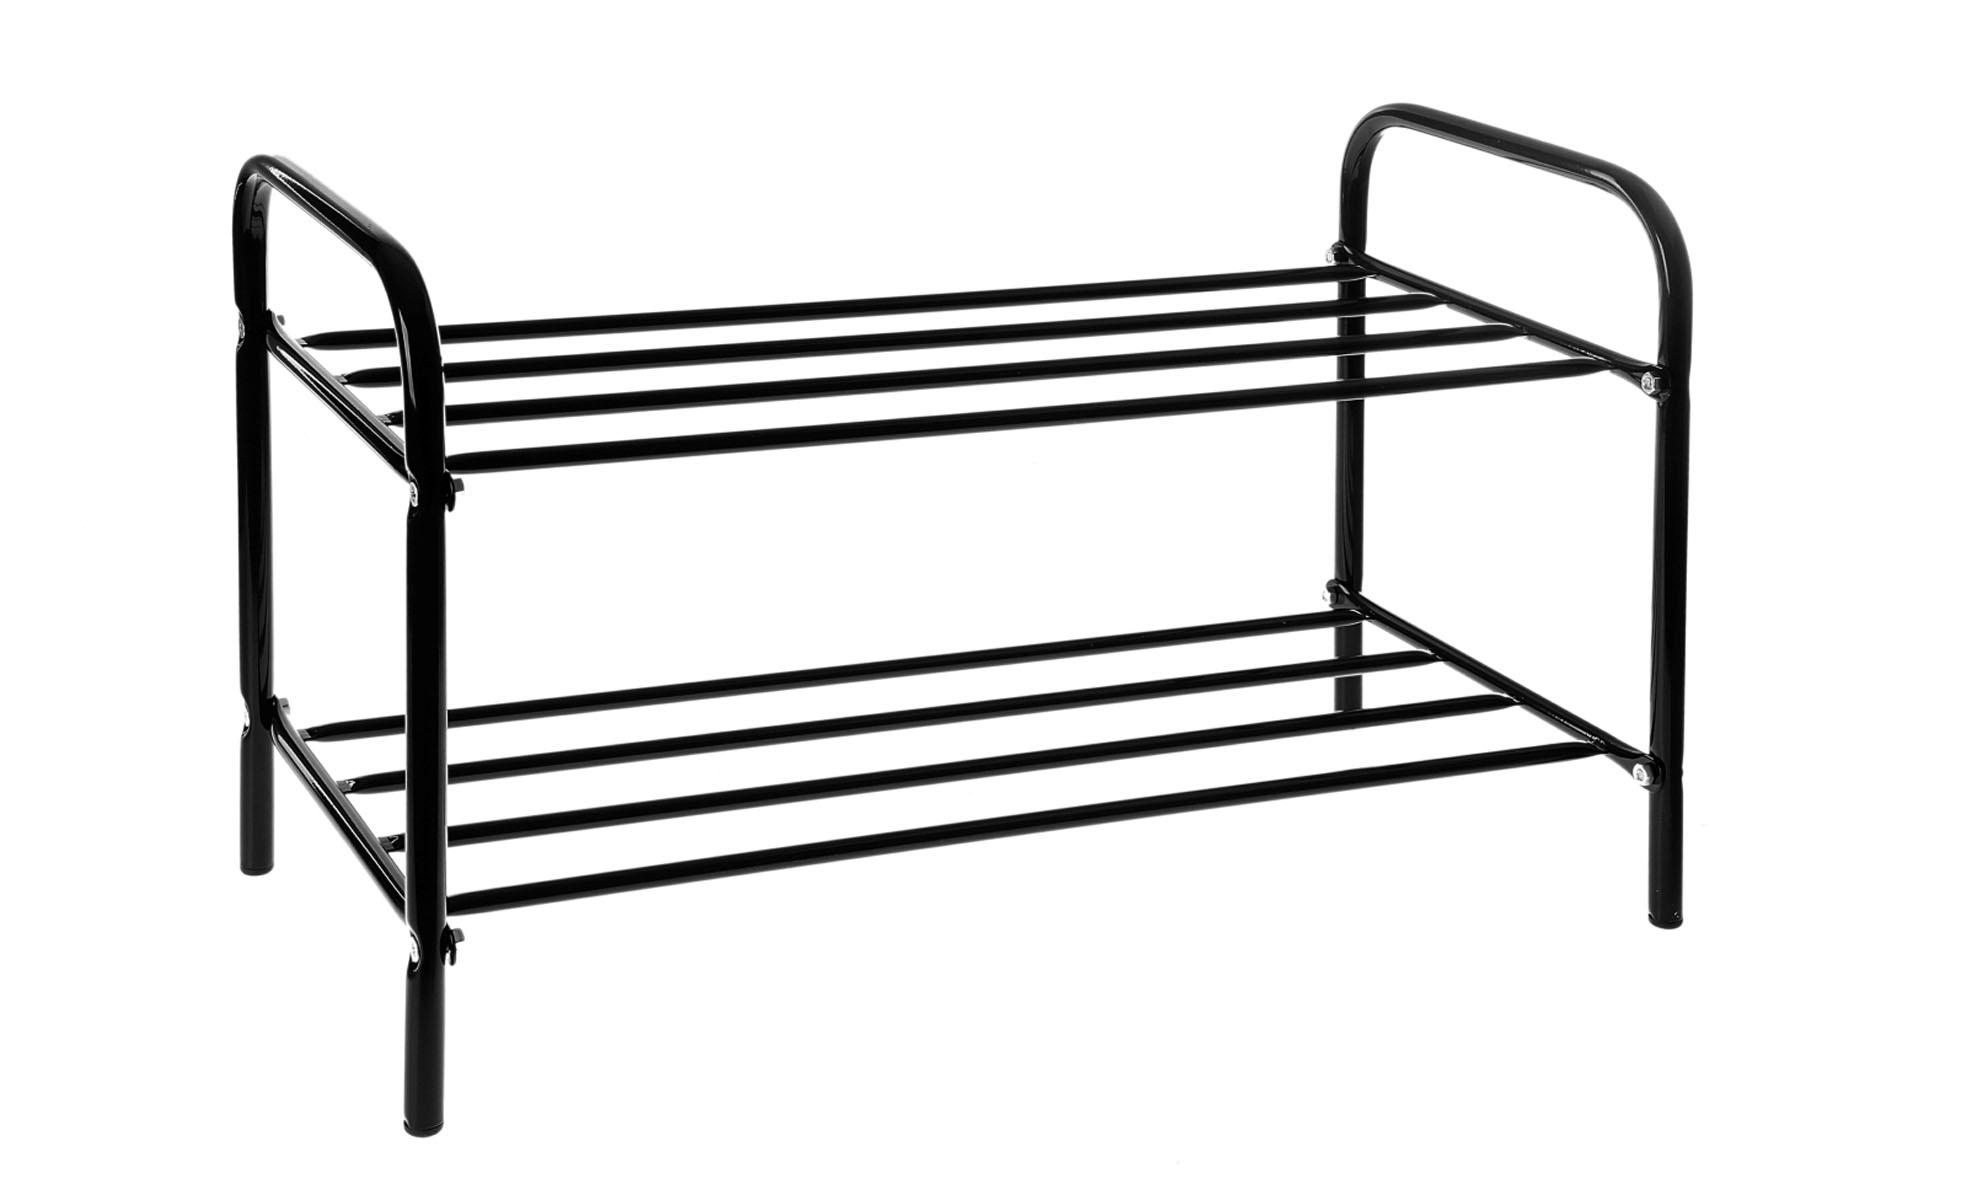 Подставка для обуви, 2 яруса, цвет: черный, 60 х 30 х 37 см531-301Подставка для обуви представляет собой этажерку, выполненную из высококачественной стали. Содержит 2 яруса, на которых можно разместить по несколько пар обуви. Удобная, компактная и вместительная, такая подставка идеально впишется в интерьер прихожей. Она поможет легко организовать пространство и аккуратно хранить вашу обувь, стильный и необычный дизайн сделает ее оригинальным элементом декора.Крепления для сборки в комплекте. Размер подставки (ДхШхВ): 60 см х 30 см х 37 см.